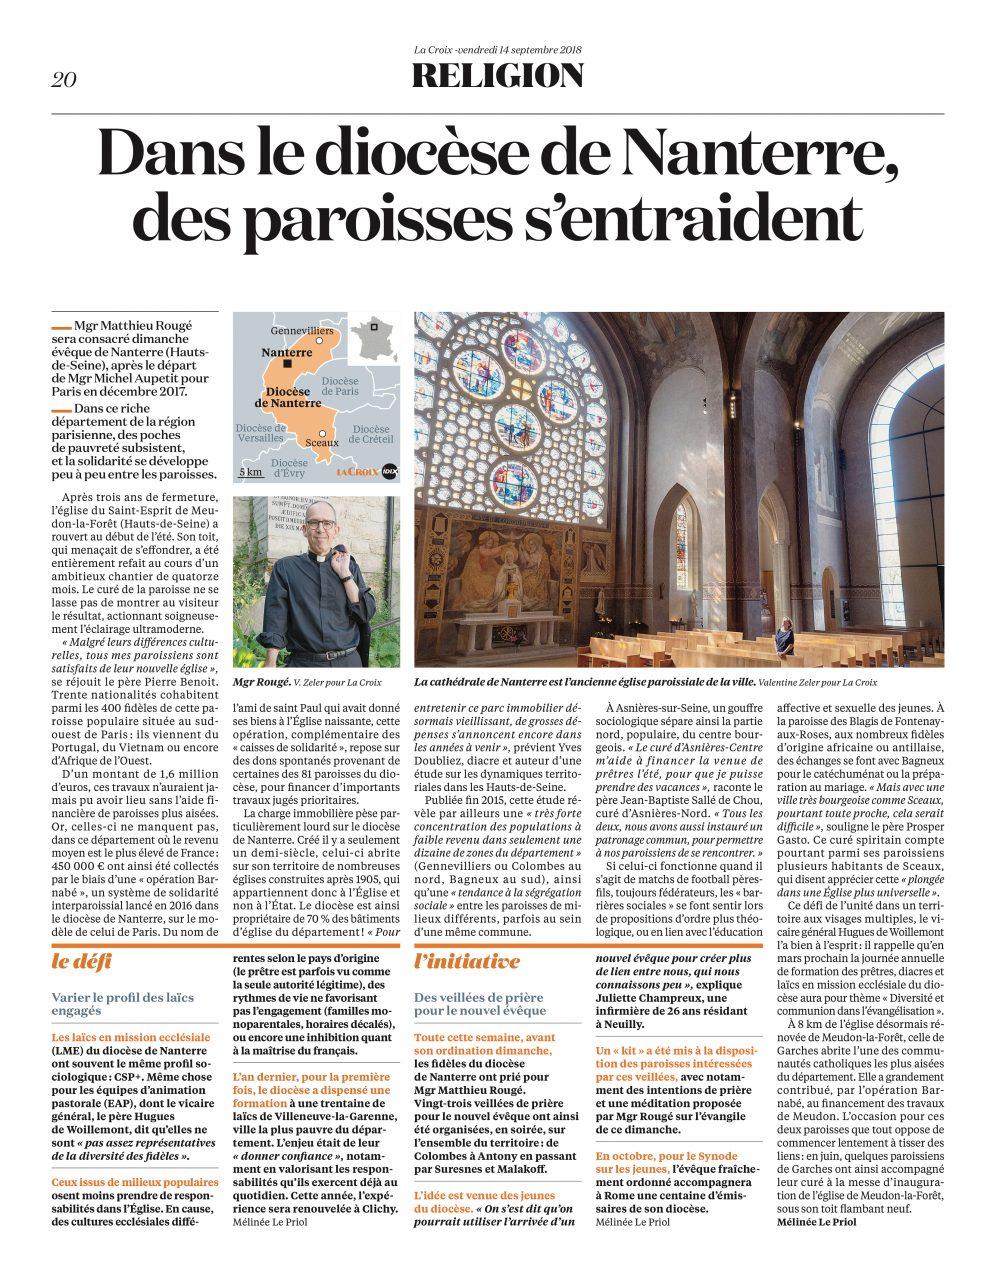 Publication dans le journal La Croix le 14 septembre 2018